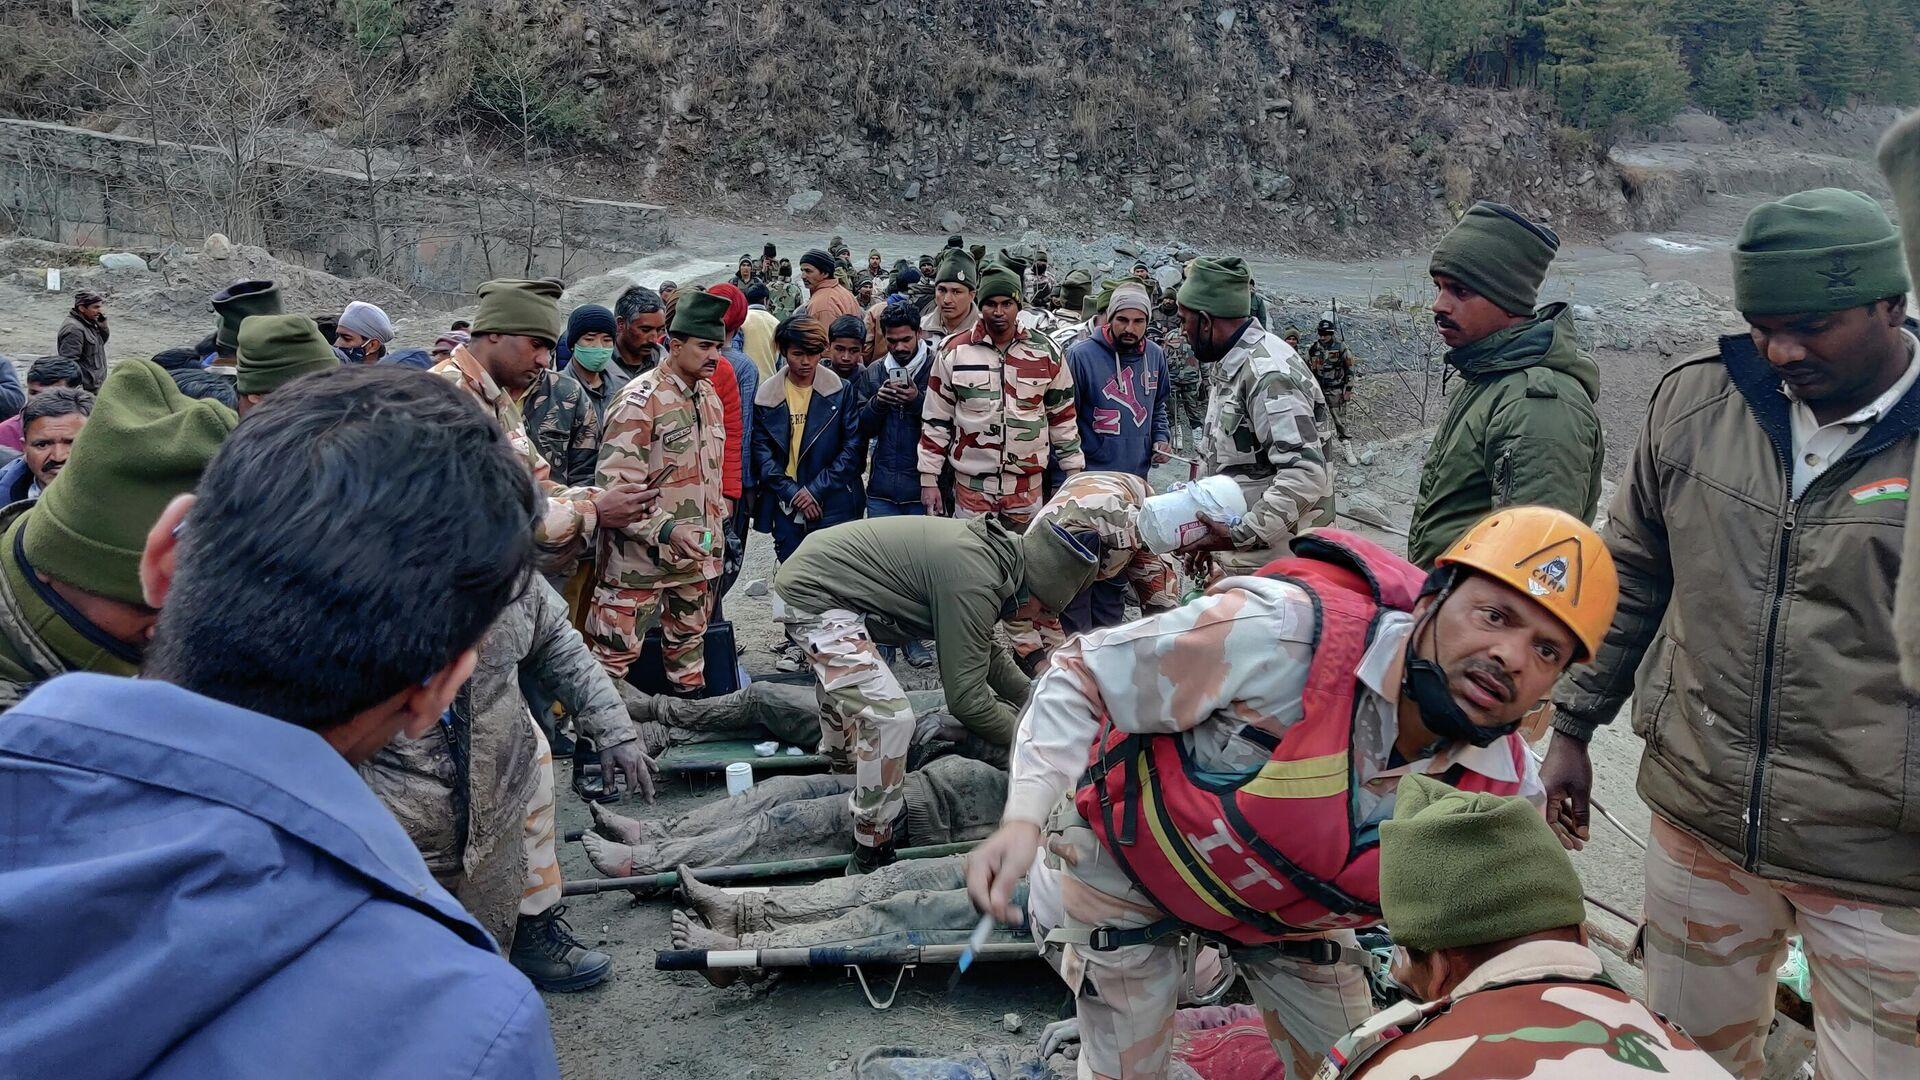 Индо-тибетская пограничная полиция занимается спасением людей после схода ледника в районе строящейся электростанции в штате  Уттаракханд, Индия - РИА Новости, 1920, 23.02.2021